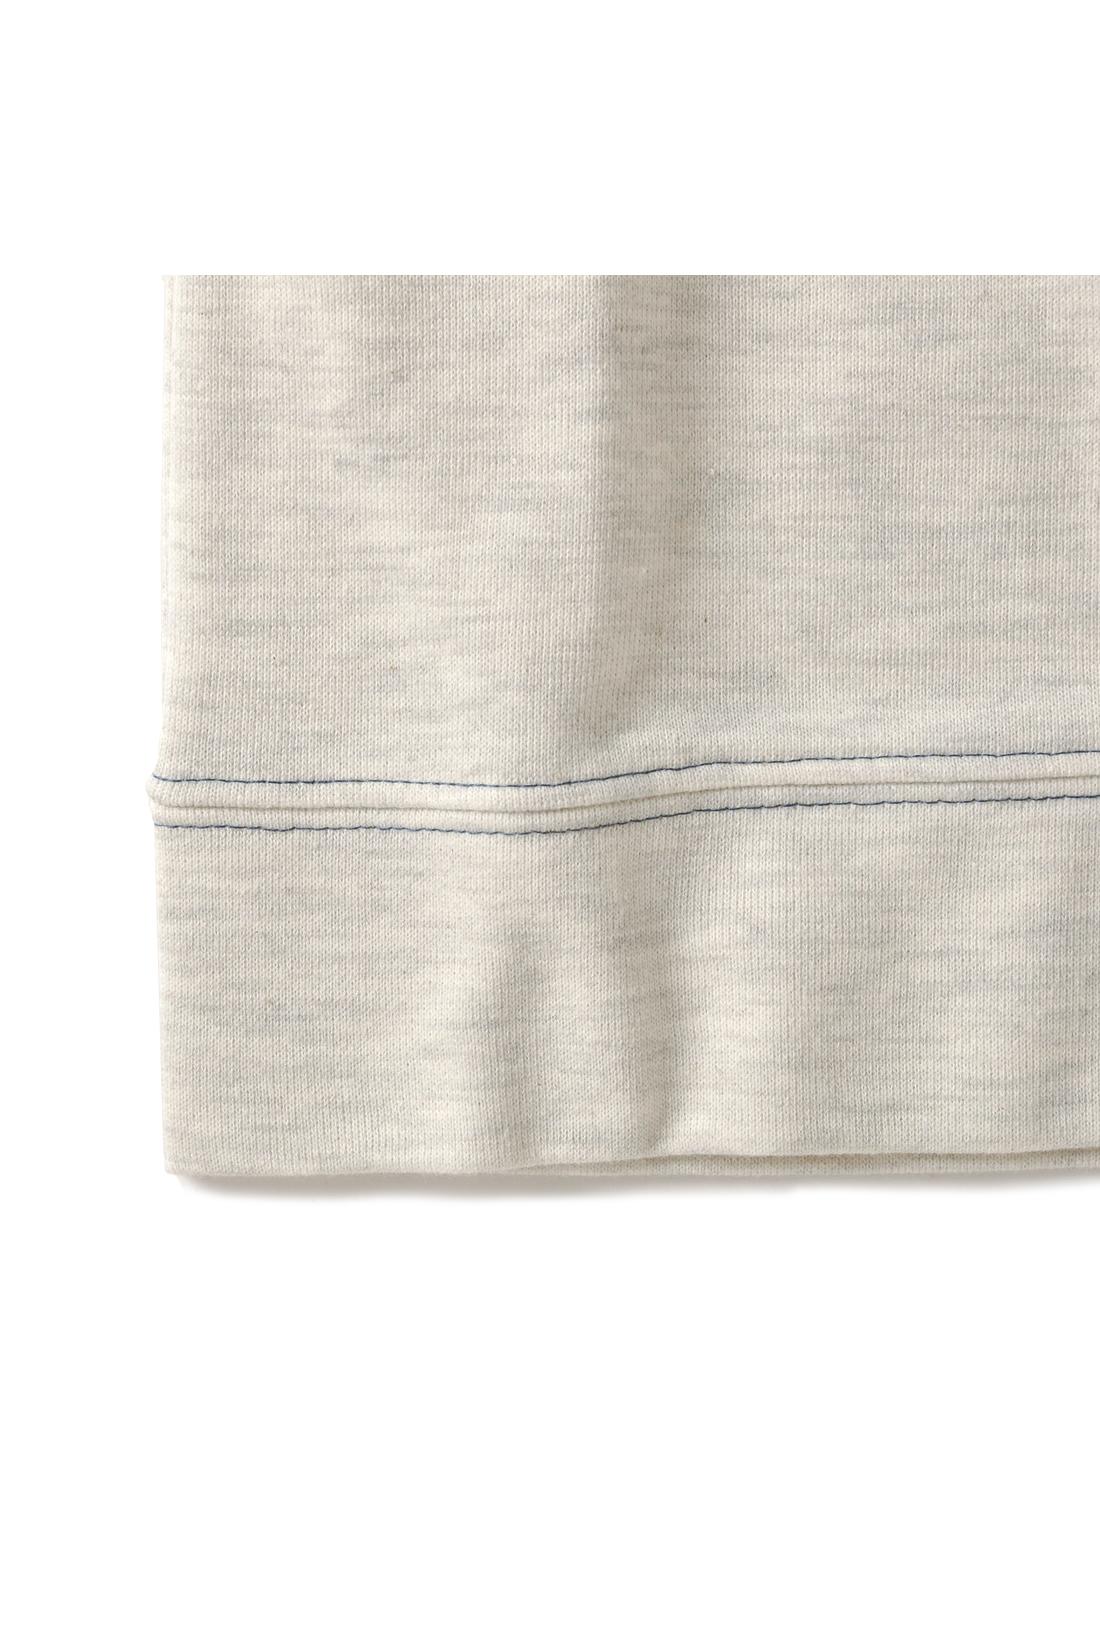 袖口、すその配色ステッチがおしゃれなアクセントに。